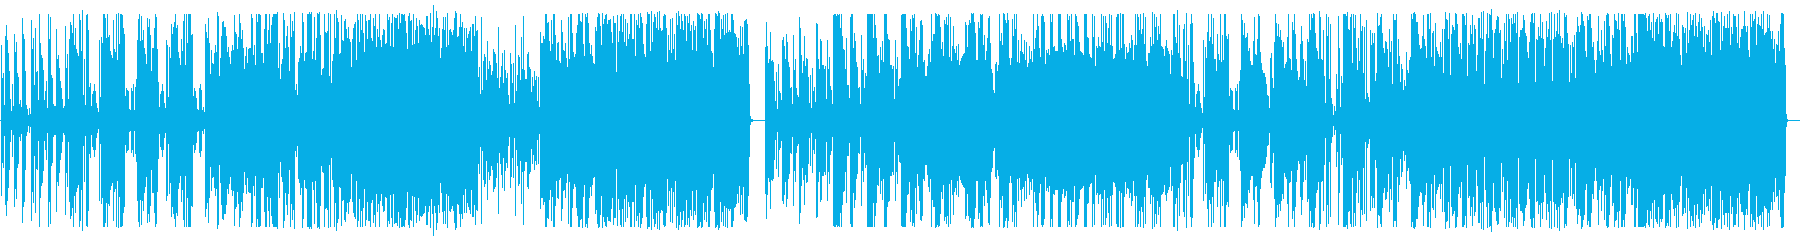 エレキベースとリズムのスパイ映画サウンドの再生済みの波形